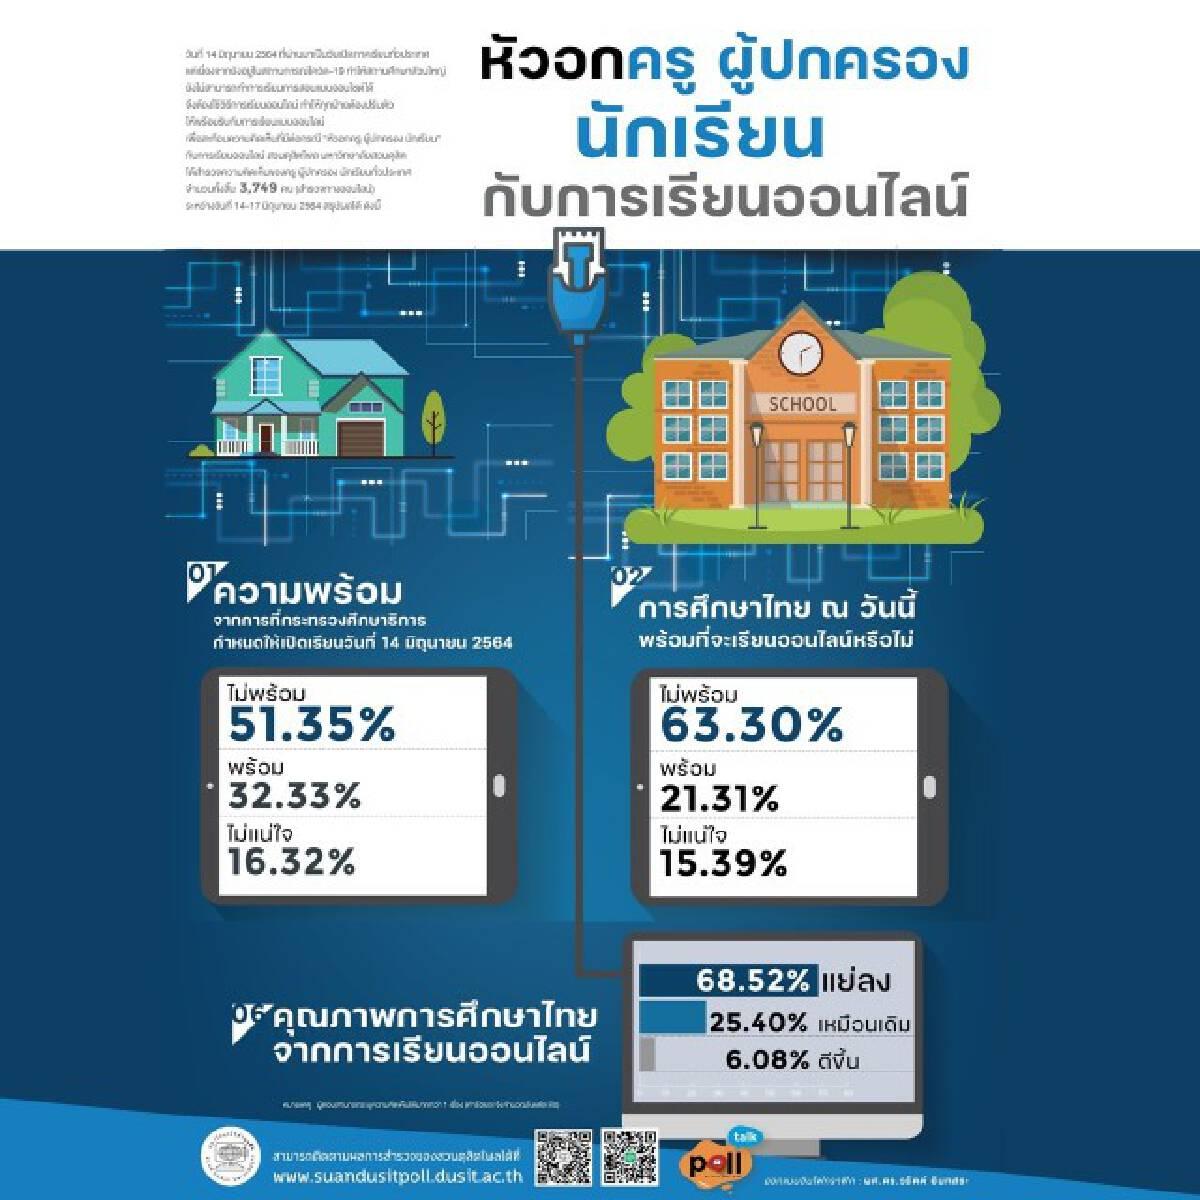 """""""ดุสิตโพล""""เผย ปชช.มองการศึกษาไทยยังไม่พร้อมสำหรับการเรียนออนไลน์"""